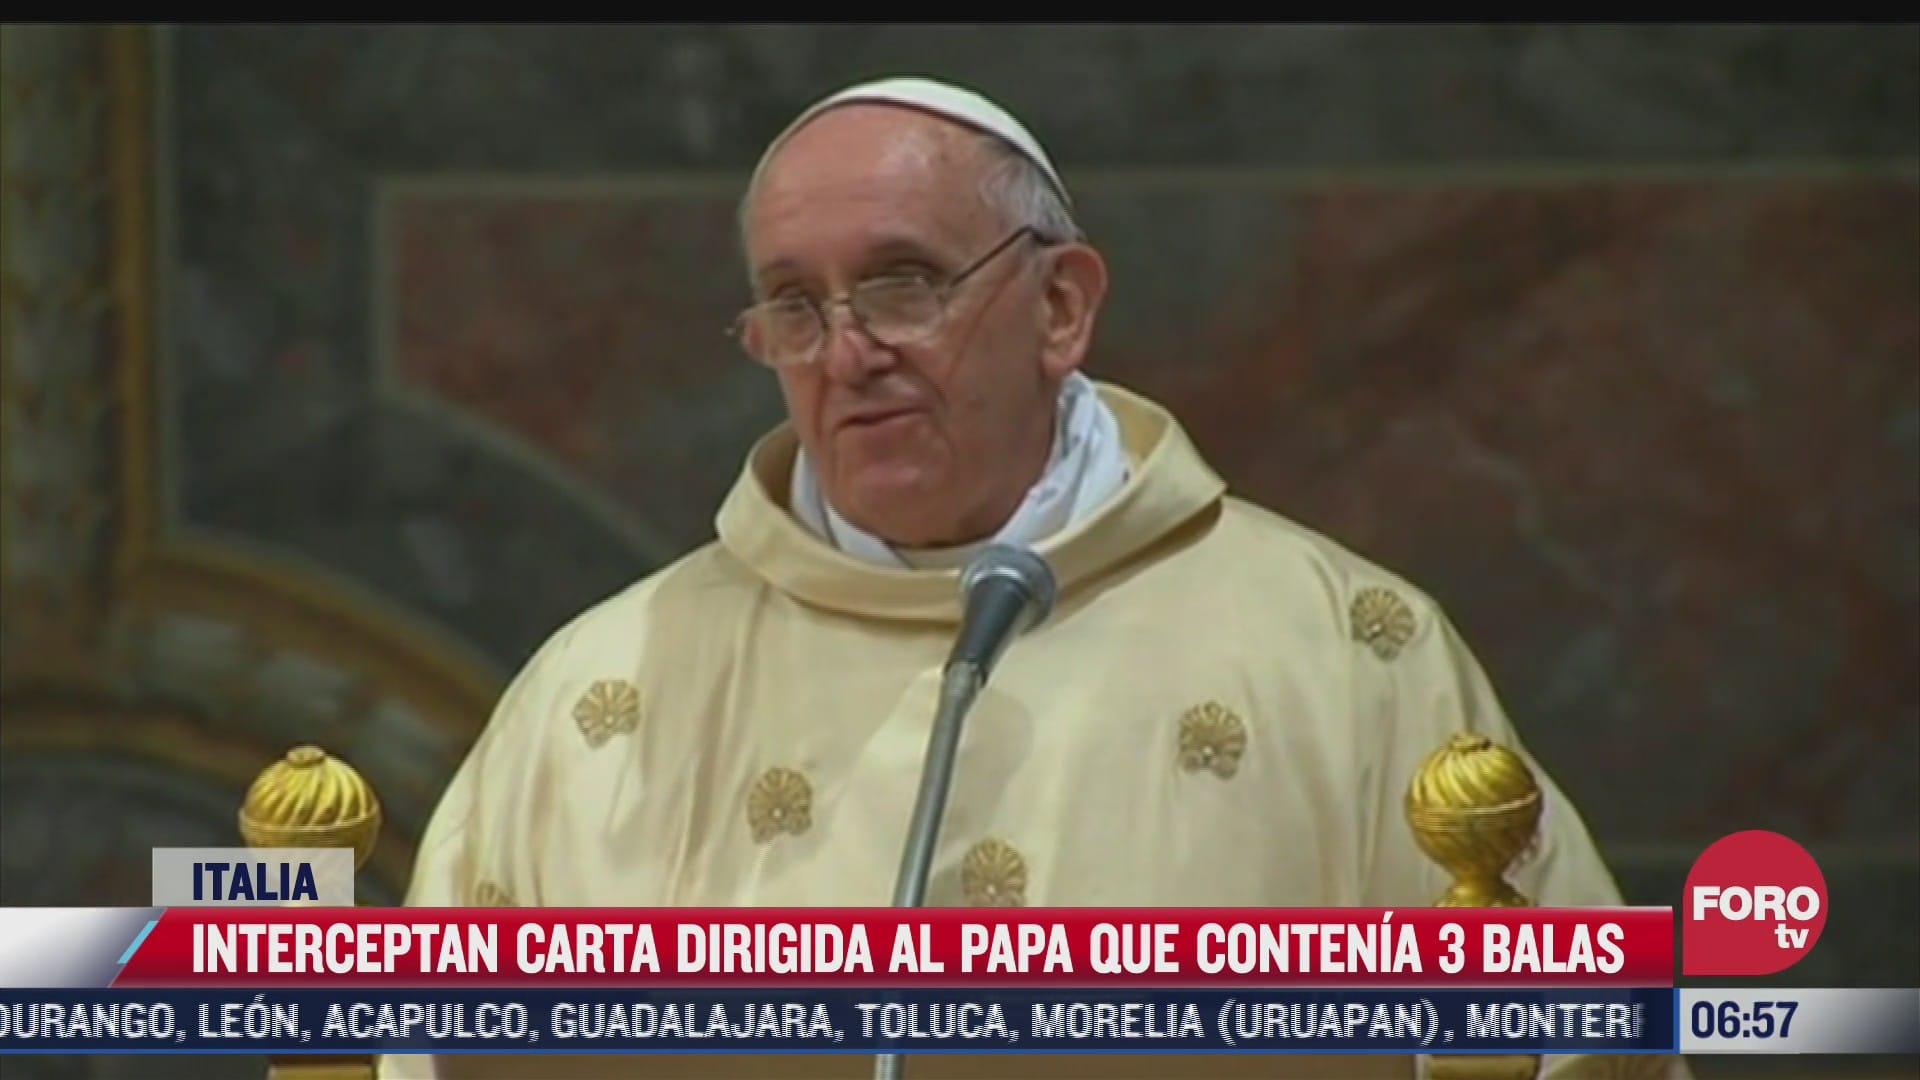 interceptan carta dirigida al papa francisco que contenia tres balas